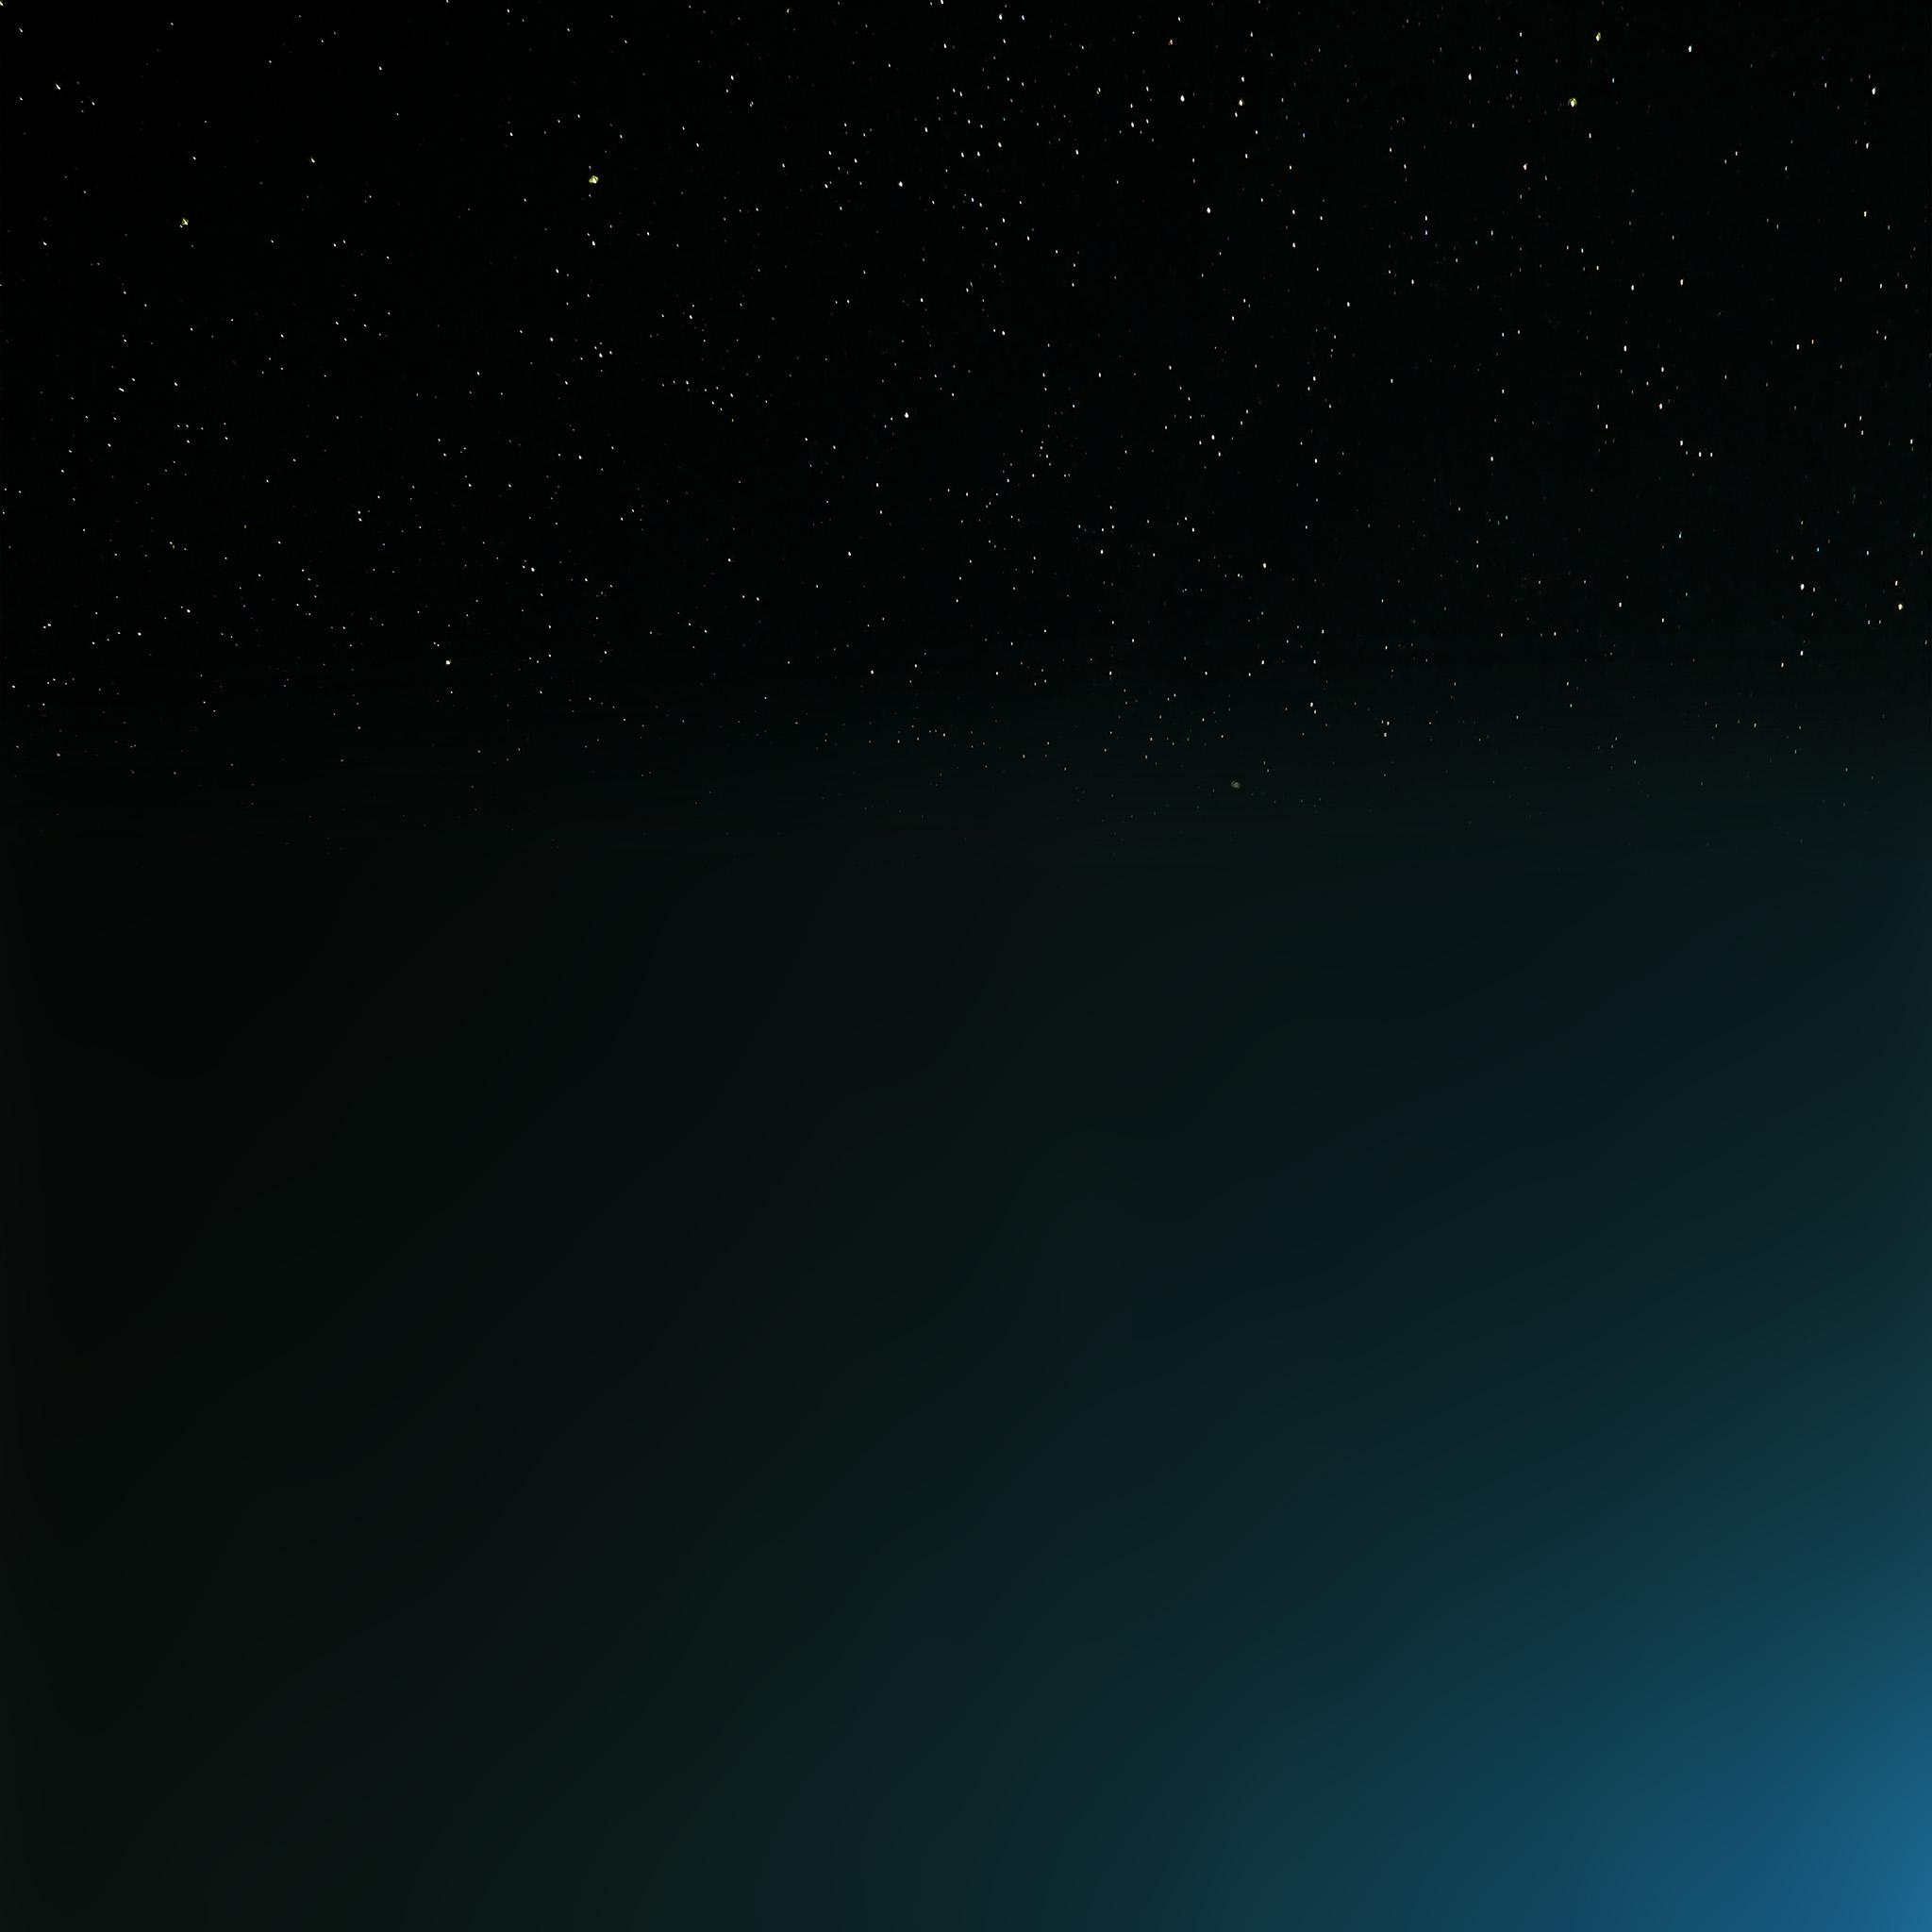 Ng79-star-sky-night